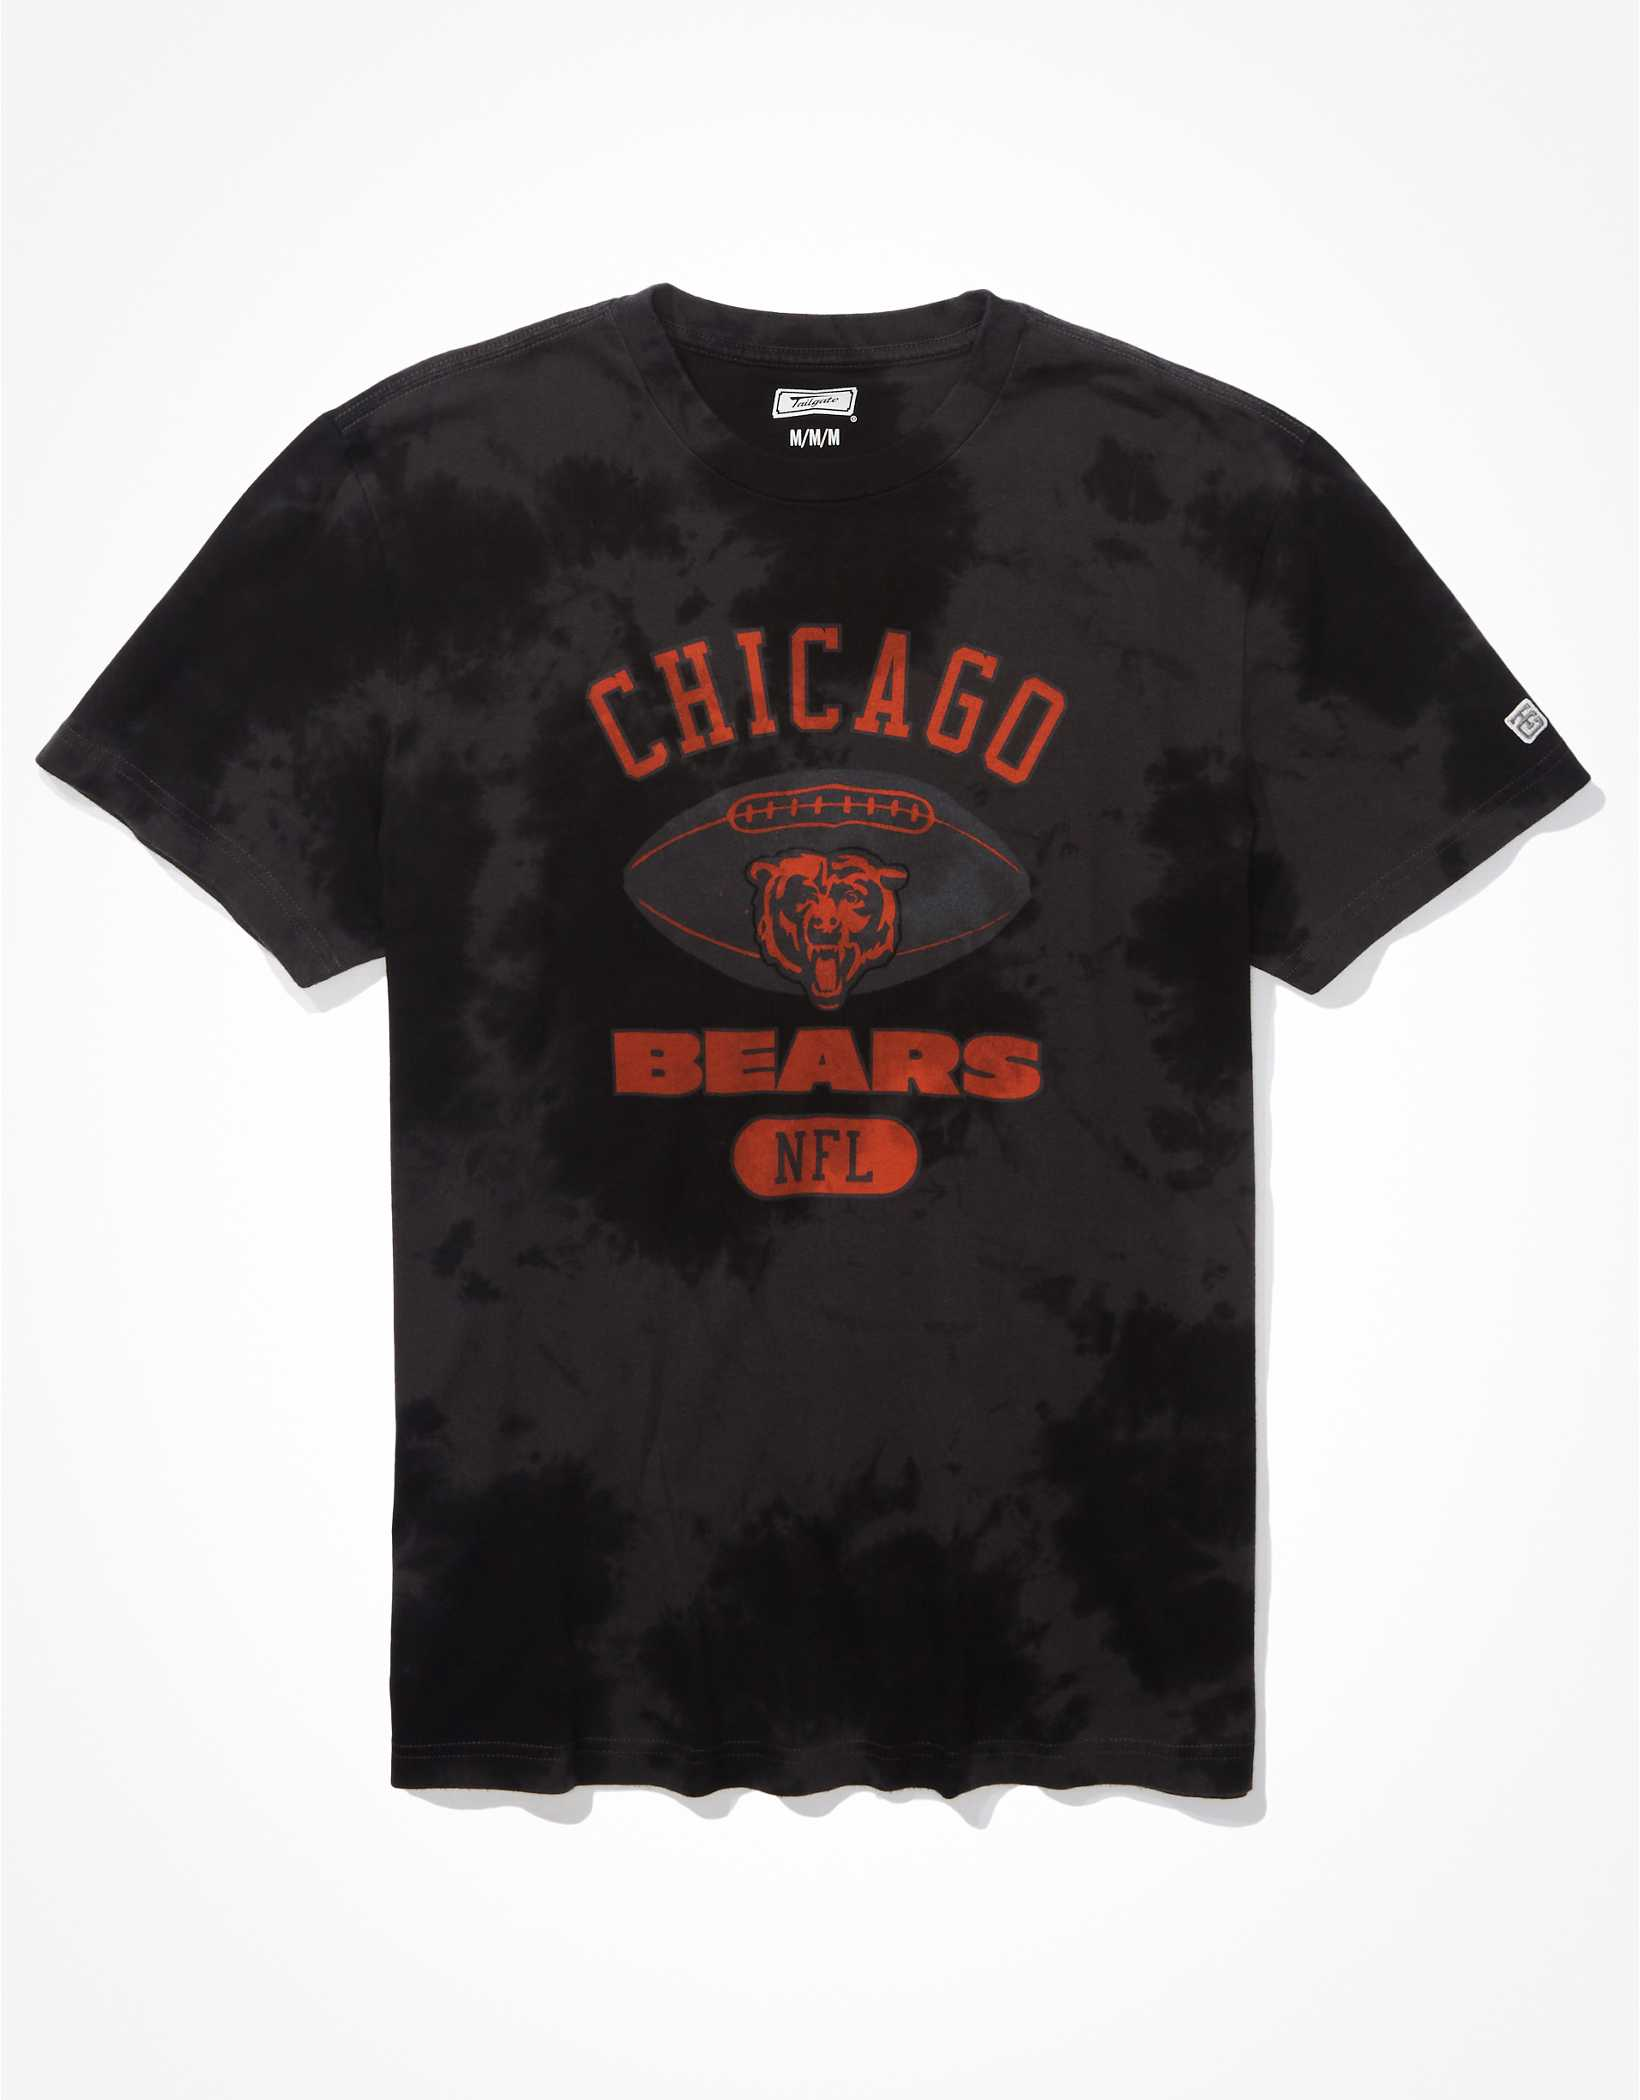 Tailgate Men's Chicago Bears Tonal Tie-Dye T-Shirt